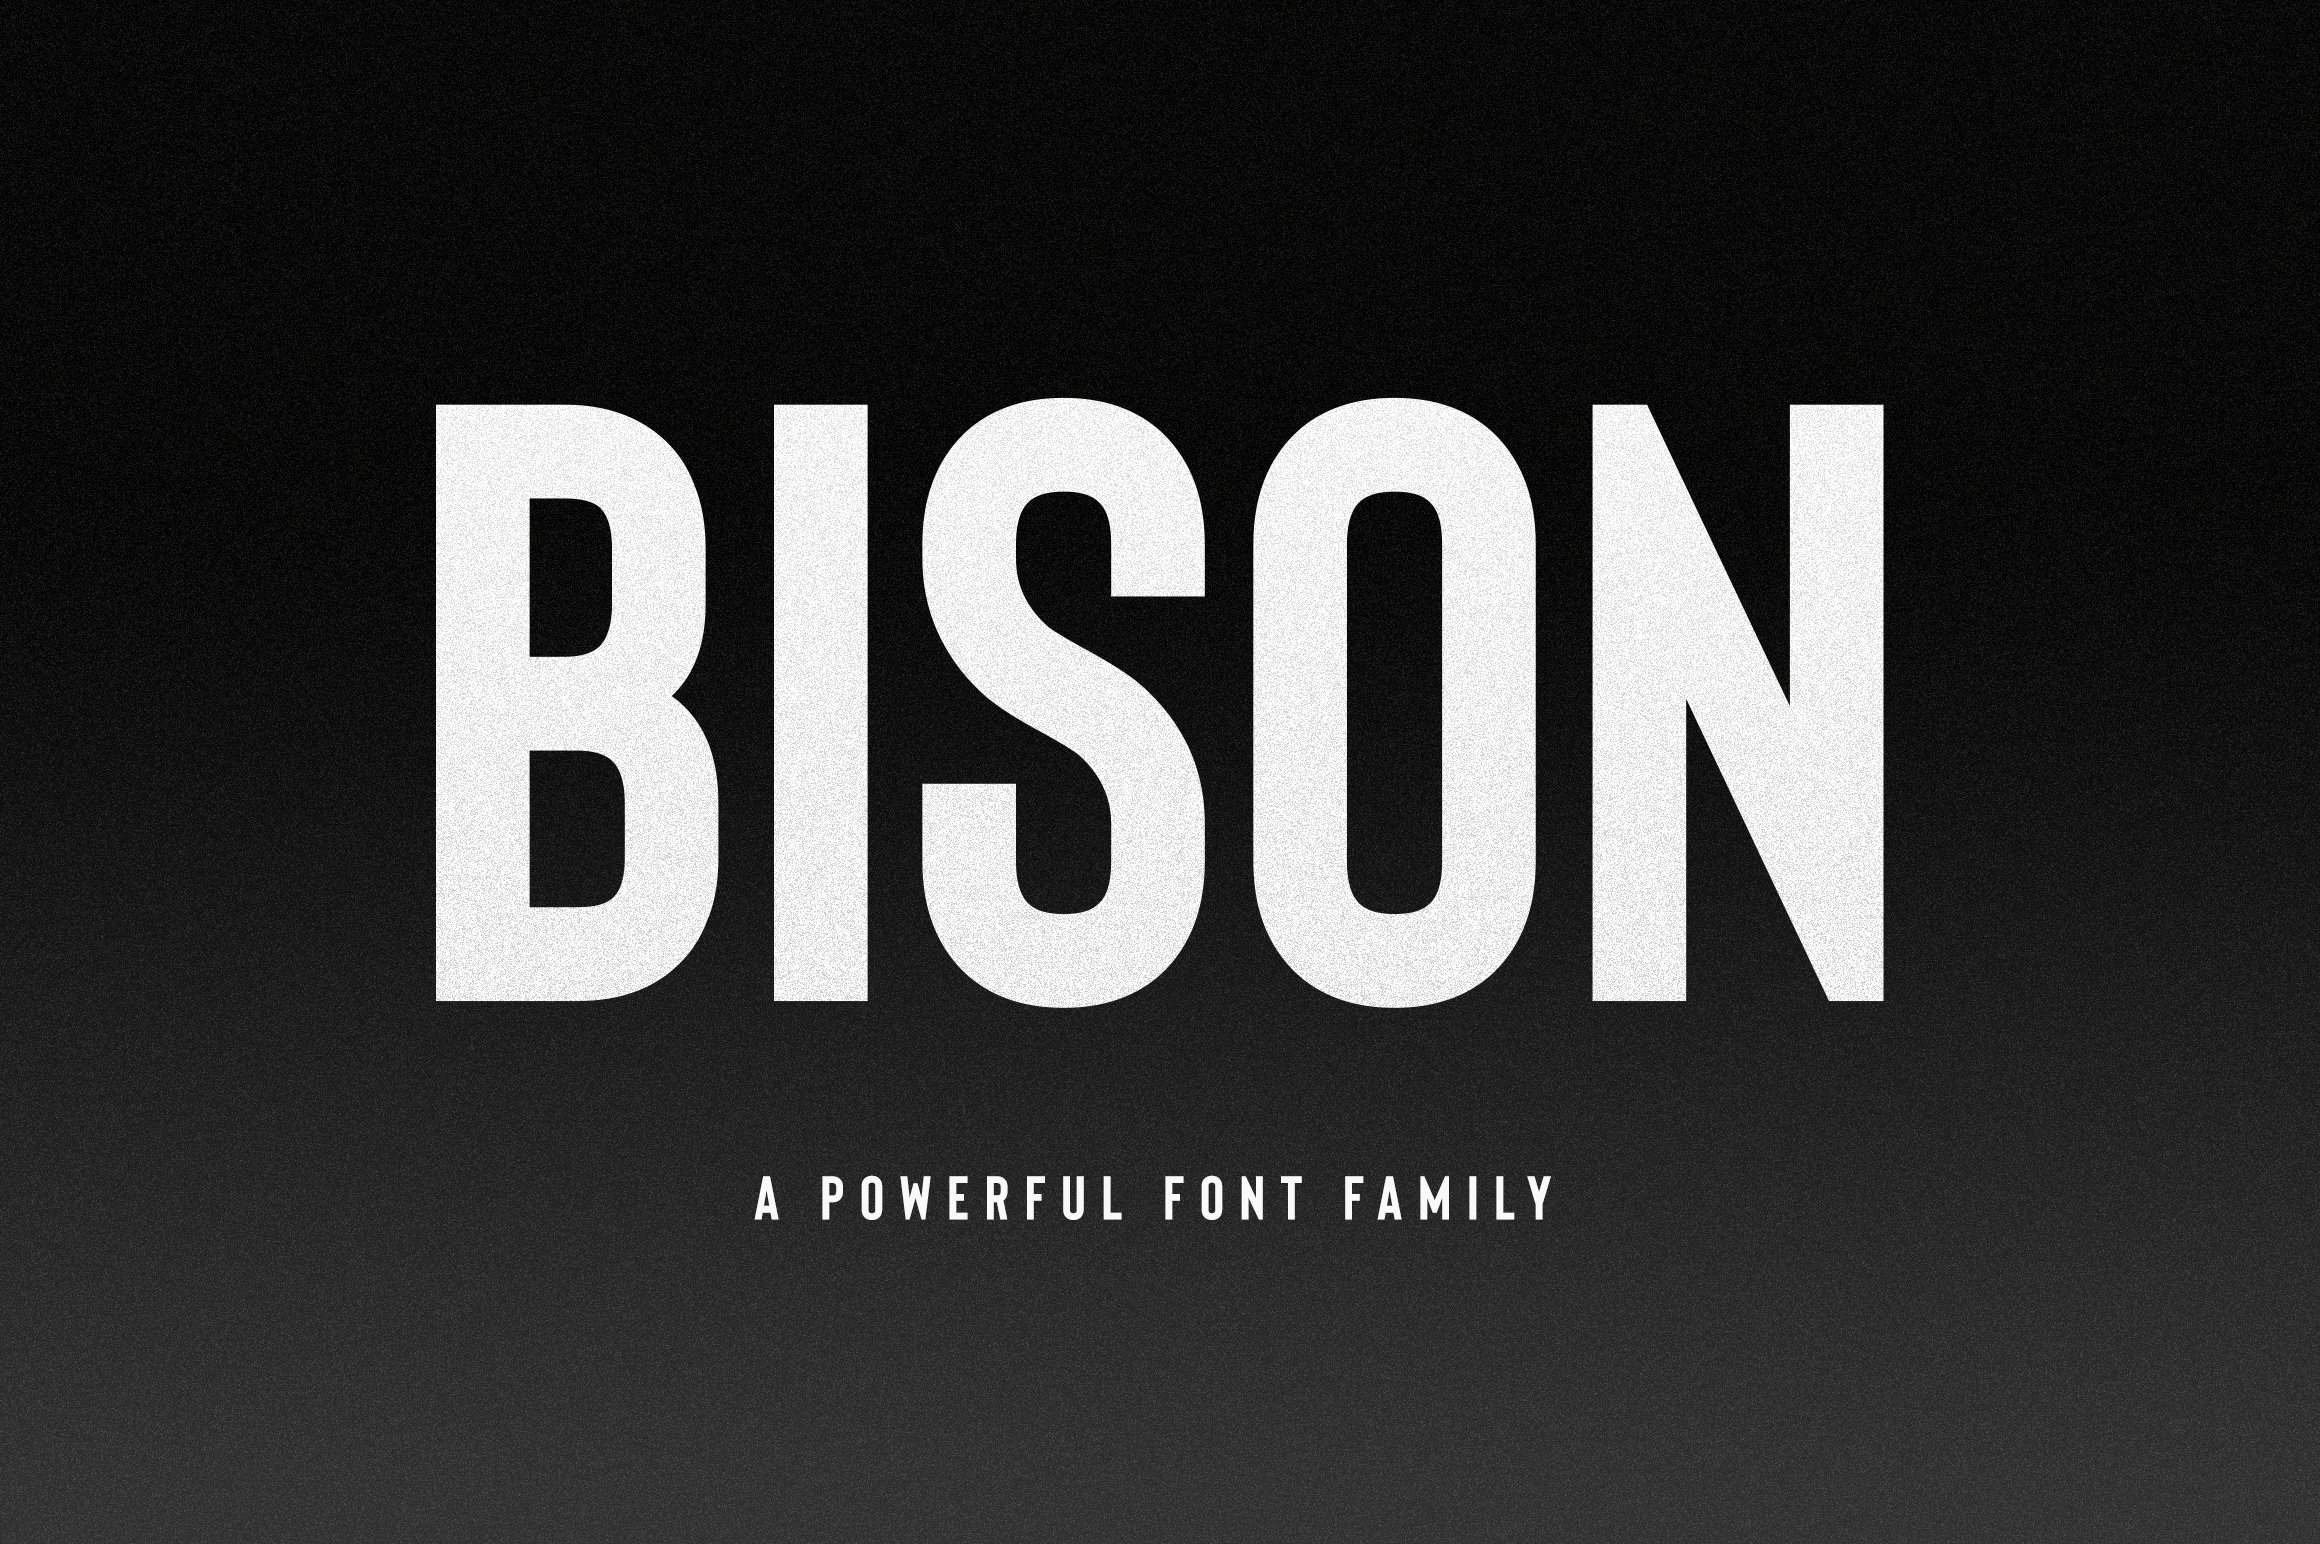 bisonmain22 2